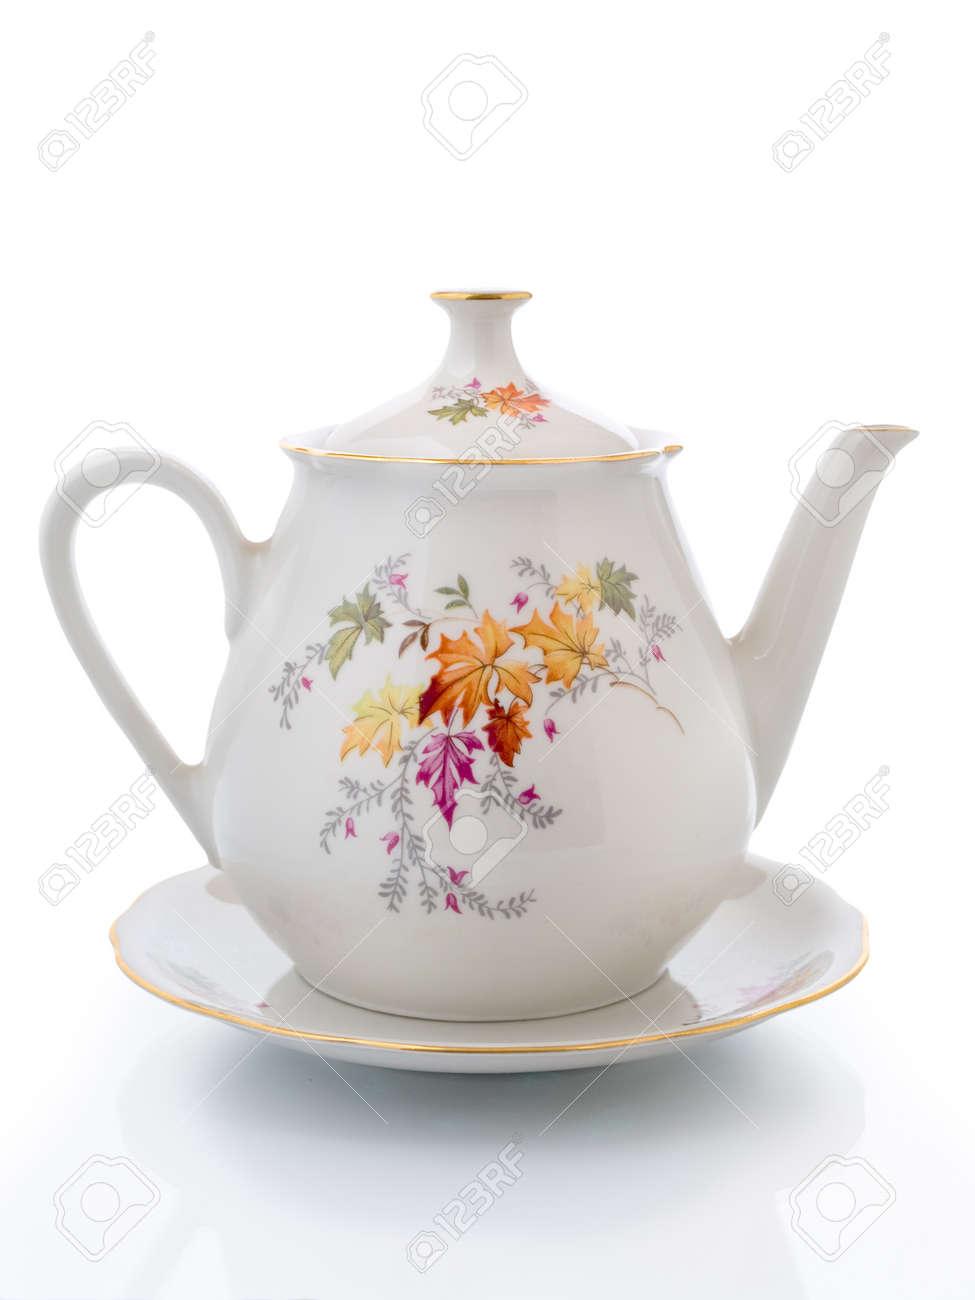 Weiße Teekanne weiße teekanne auf einer untertasse isoliert auf weiss beleuchtet